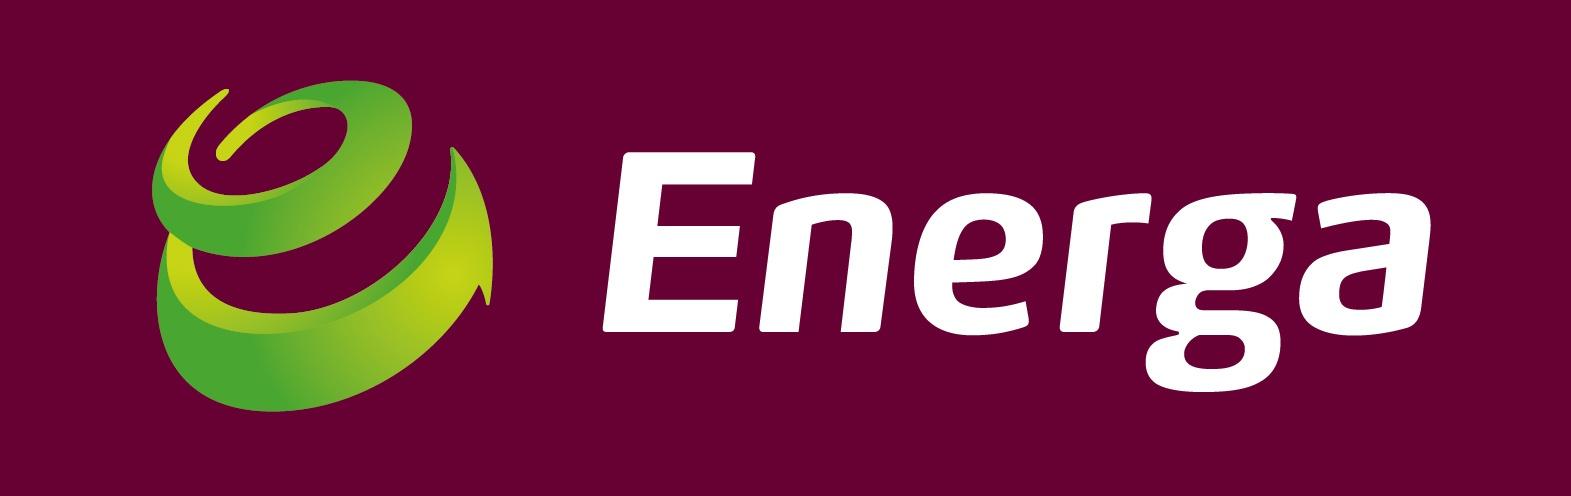 Energa S.A.